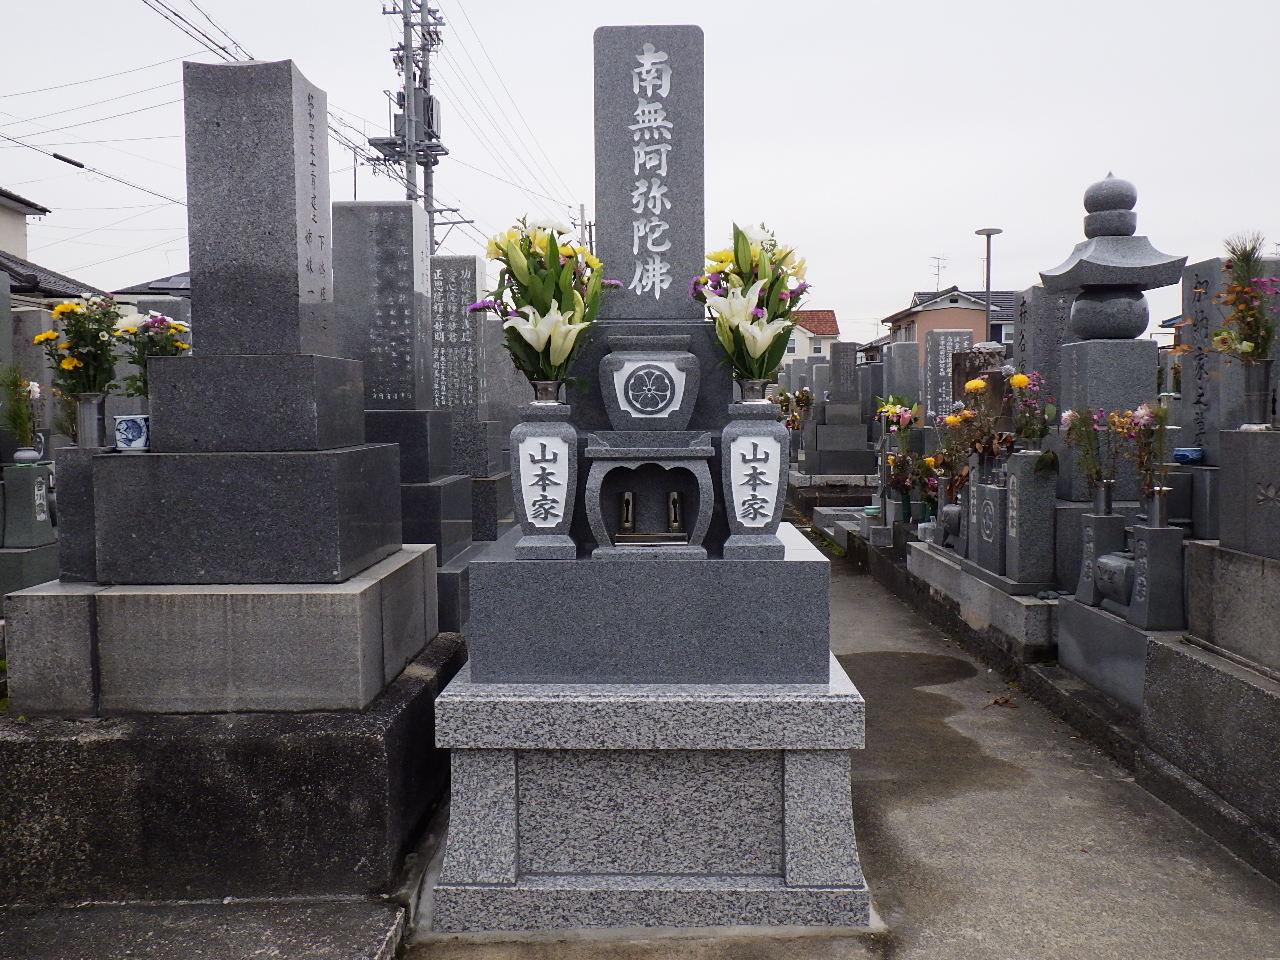 201601 ○一宮市 地域墓地(起墓地 707)  中国産G130 8寸和型 山本甚一様